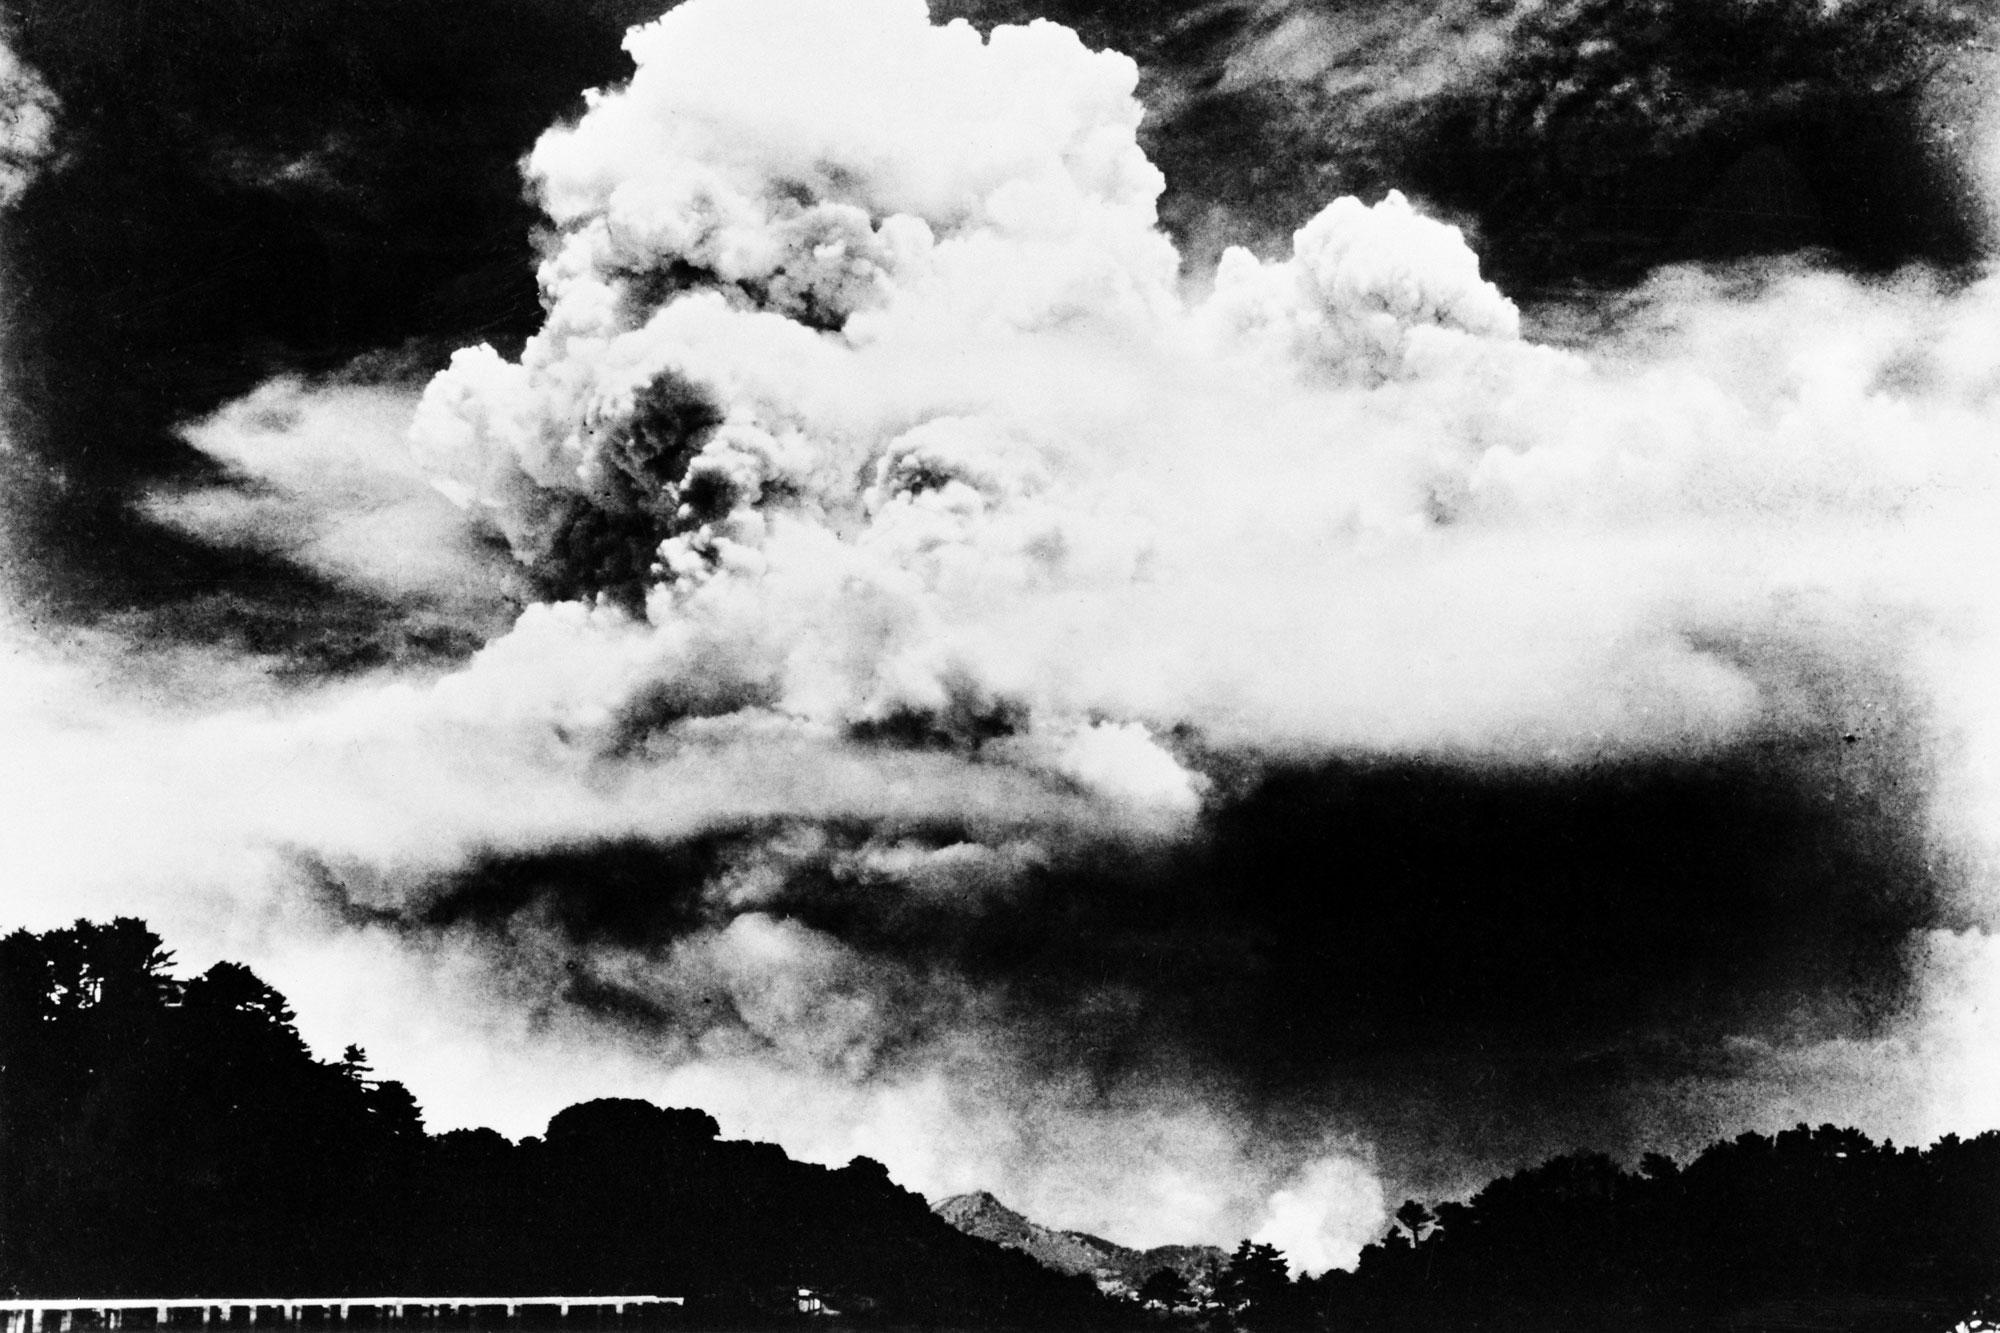 La amenaza nuclear sigue creciendo tres cuartos de siglo después del bombardeo de Nagasaki